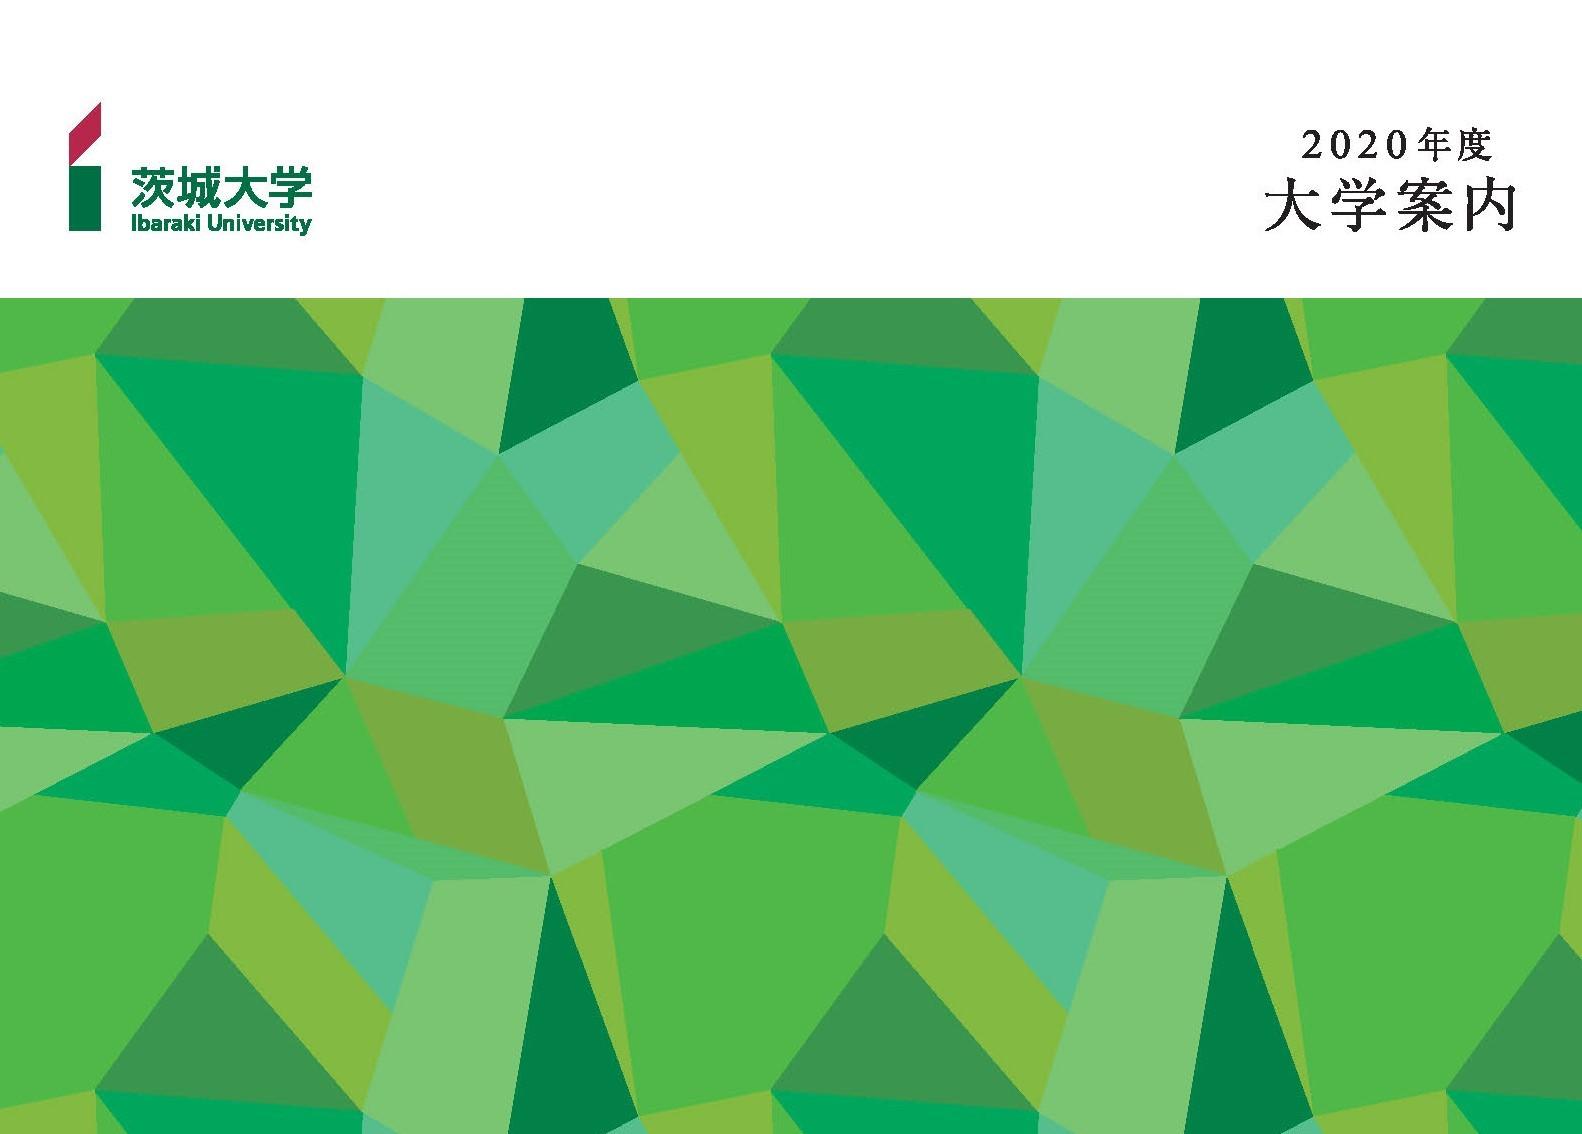 2020年度版「茨城大学案内」にてSDGs、GLEC特集が掲載